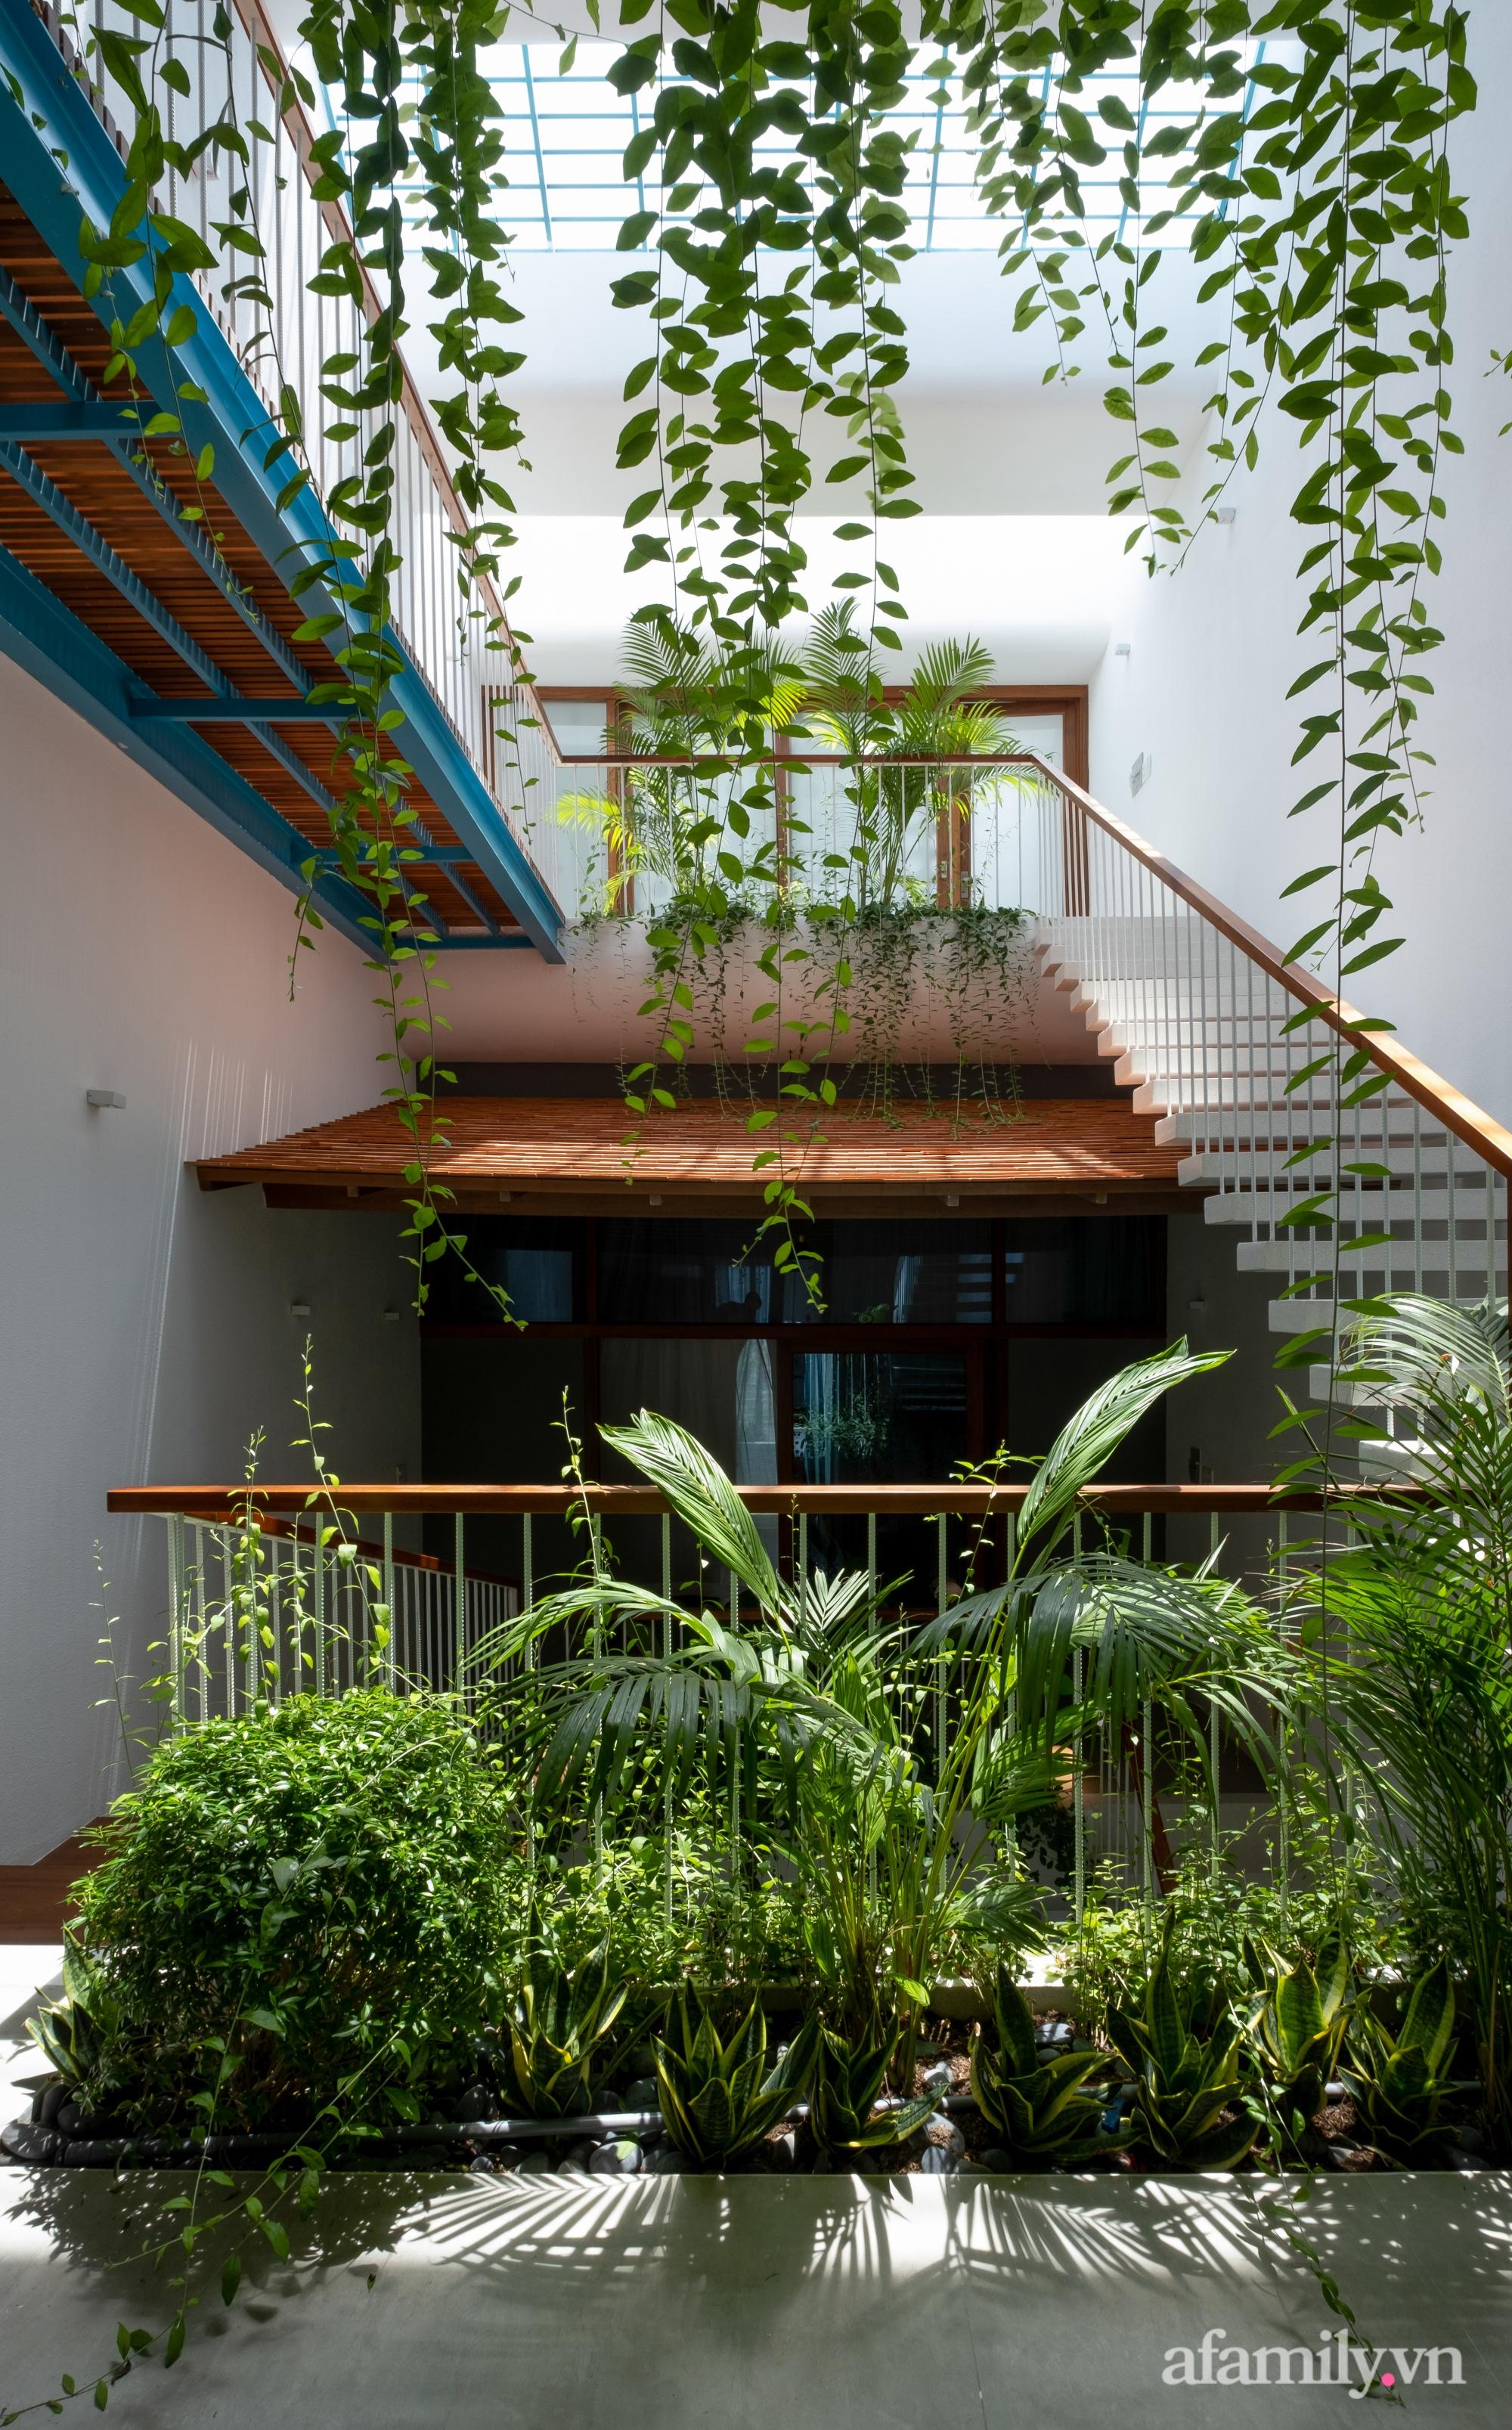 Nhà phố hướng Tây vẫn mát mẻ không cần điều hòa nhờ thiết kế gần gũi với thiên nhiên ở Nha Trang - Ảnh 7.